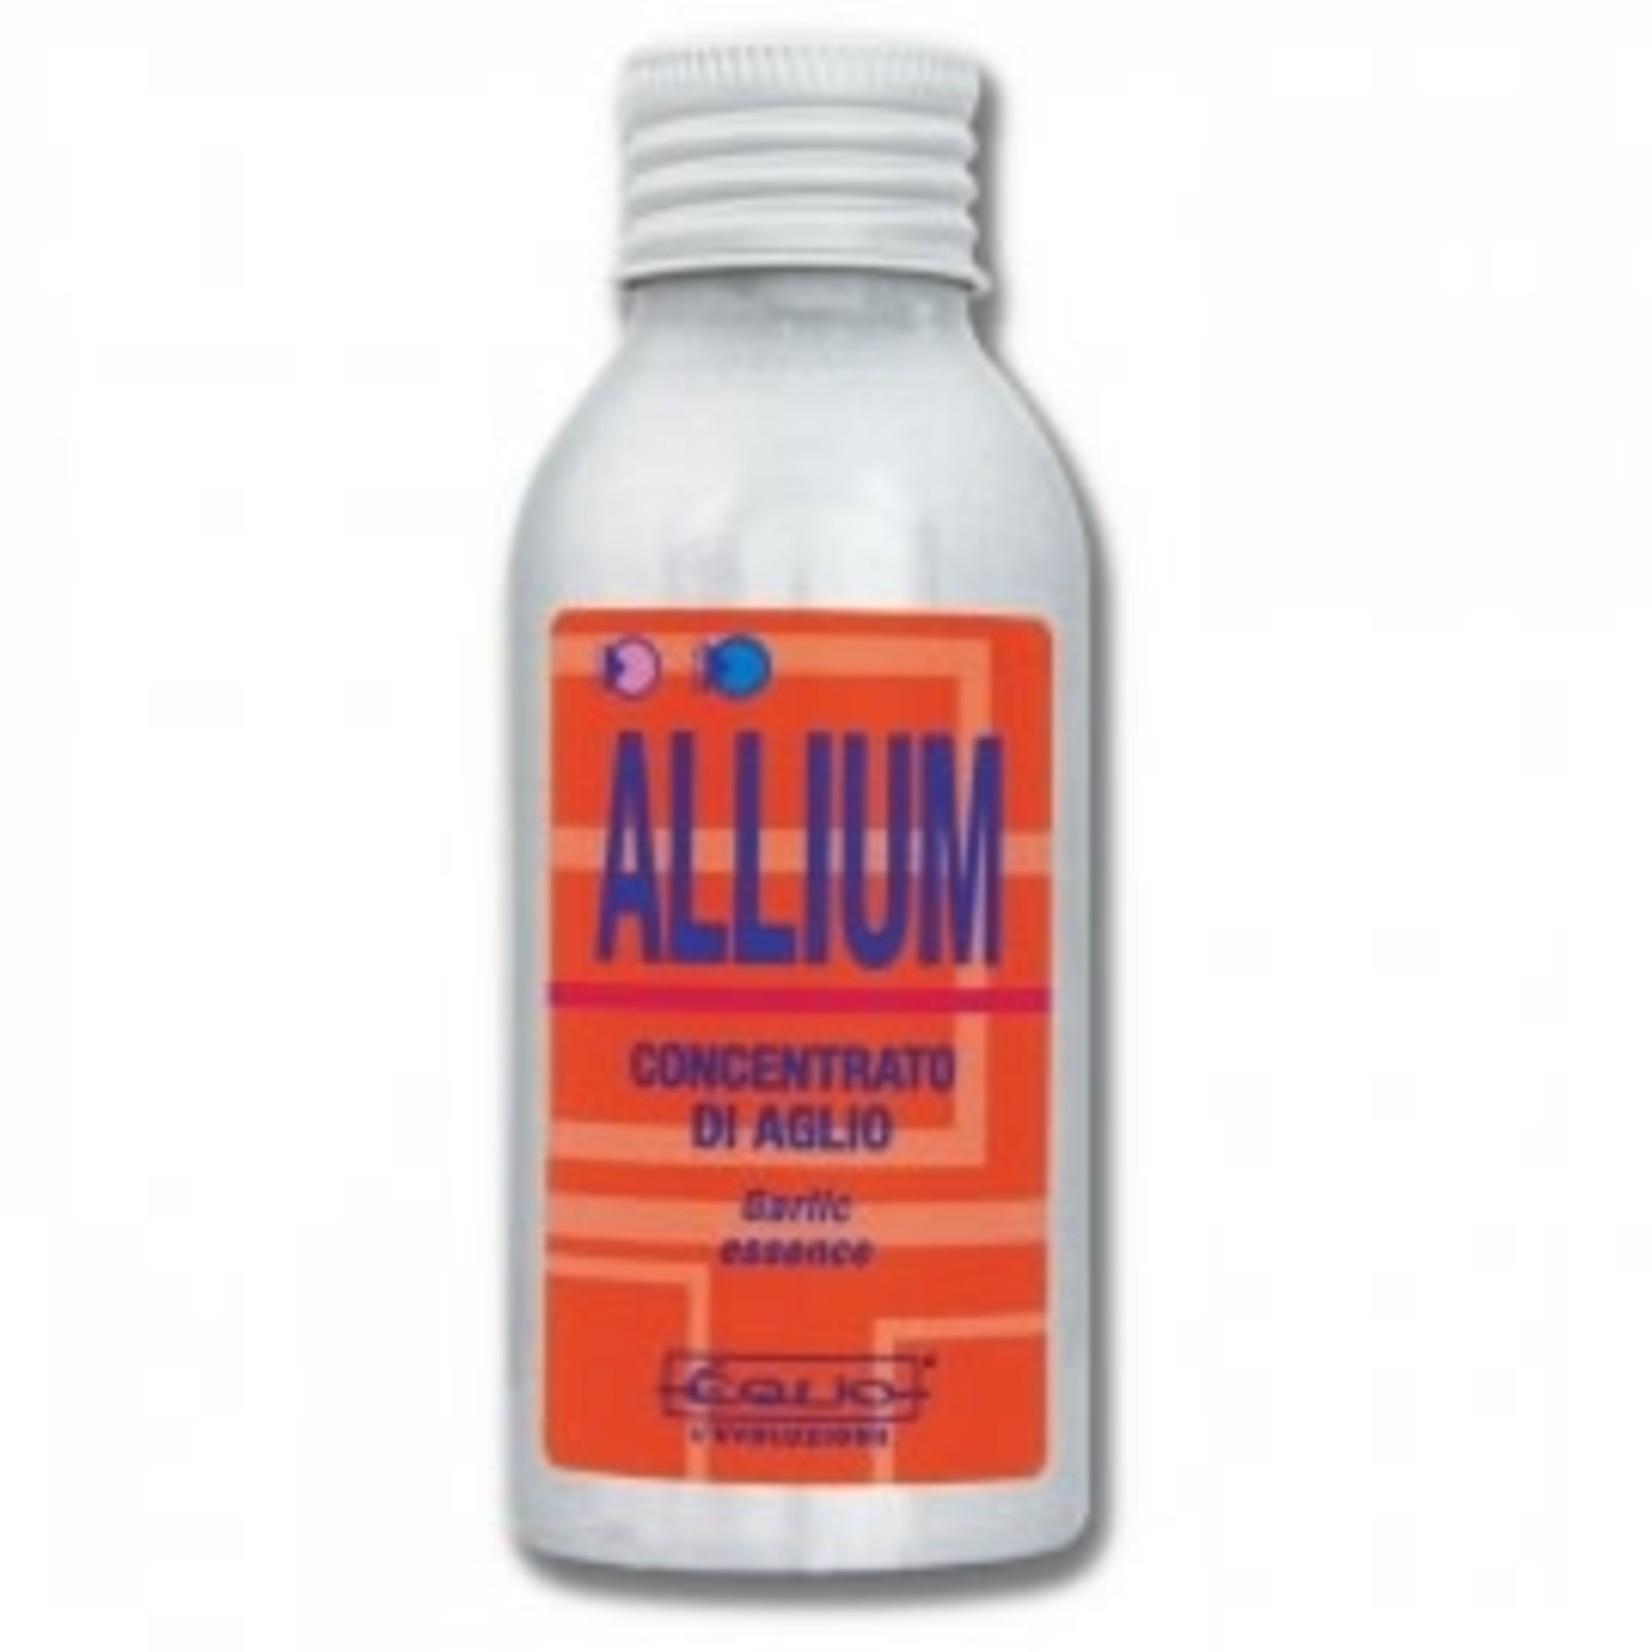 Equo L'evoluzione Garlic extract - ALLIUM 100ml EQUO